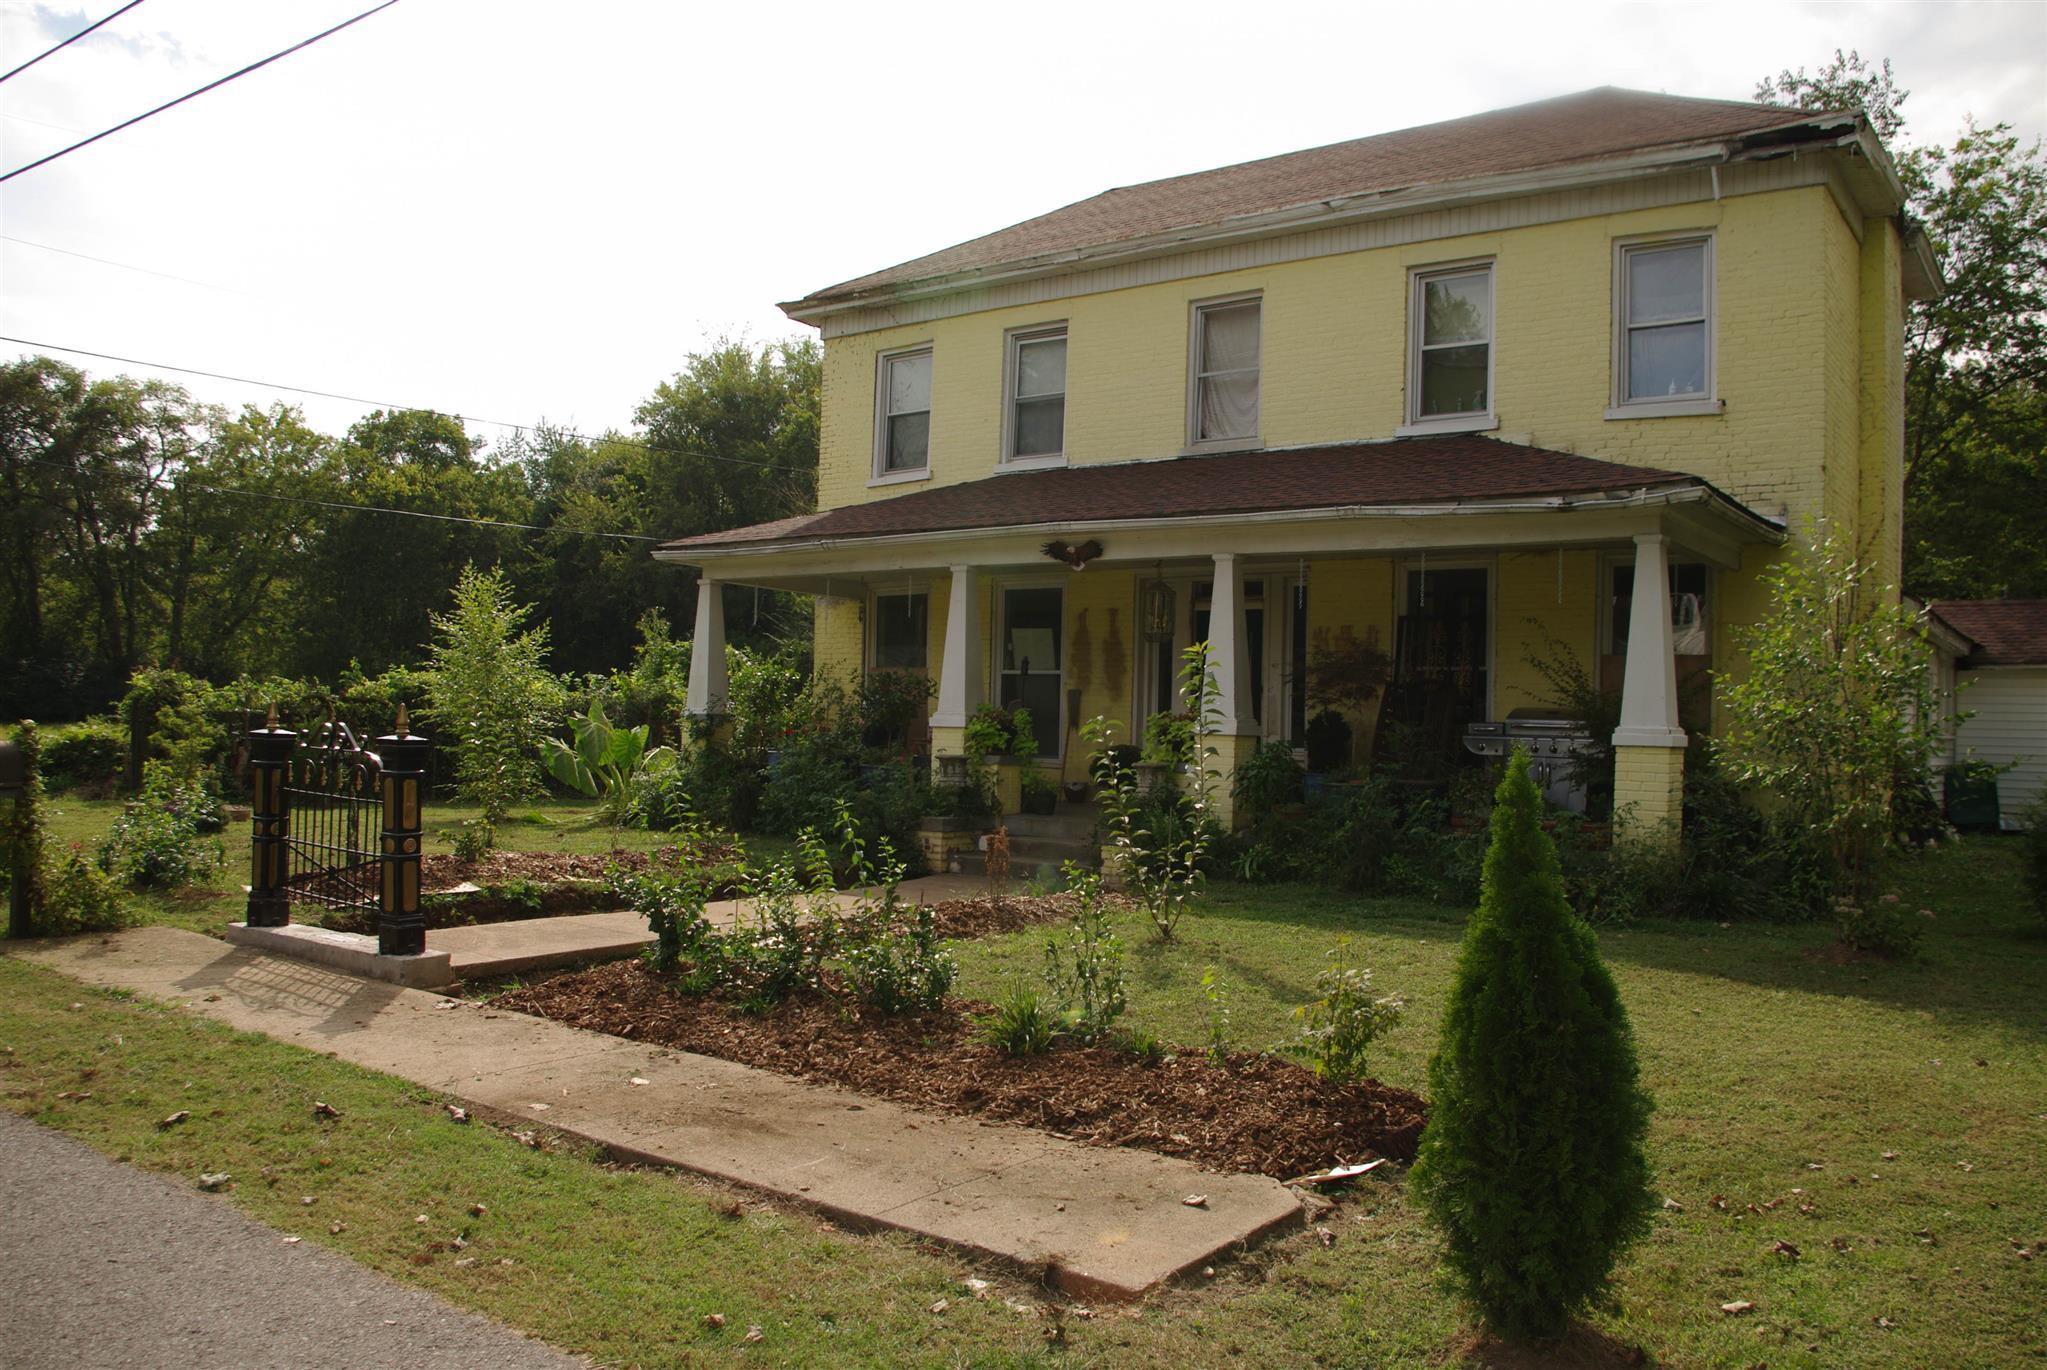 412 Beech St, Clarksville, TN 37042